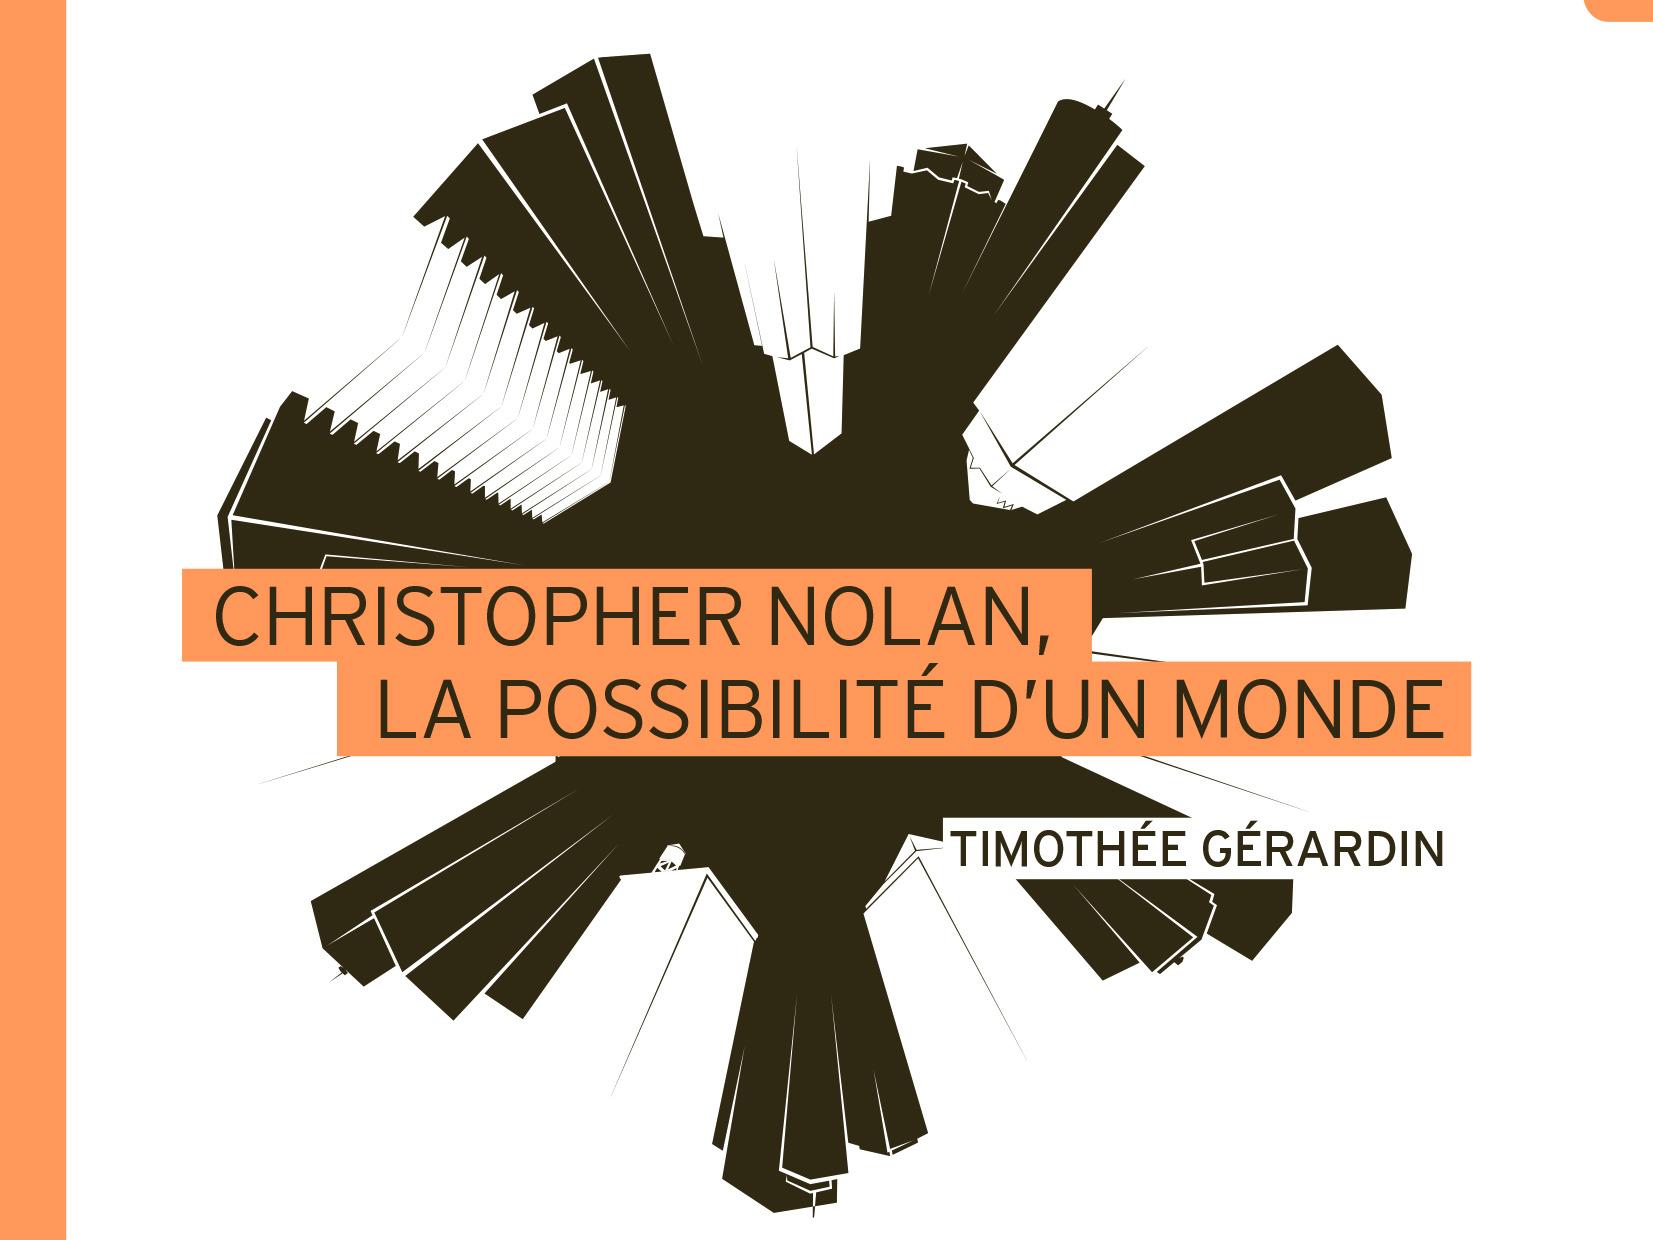 Couv Christopher Nolan.jpg